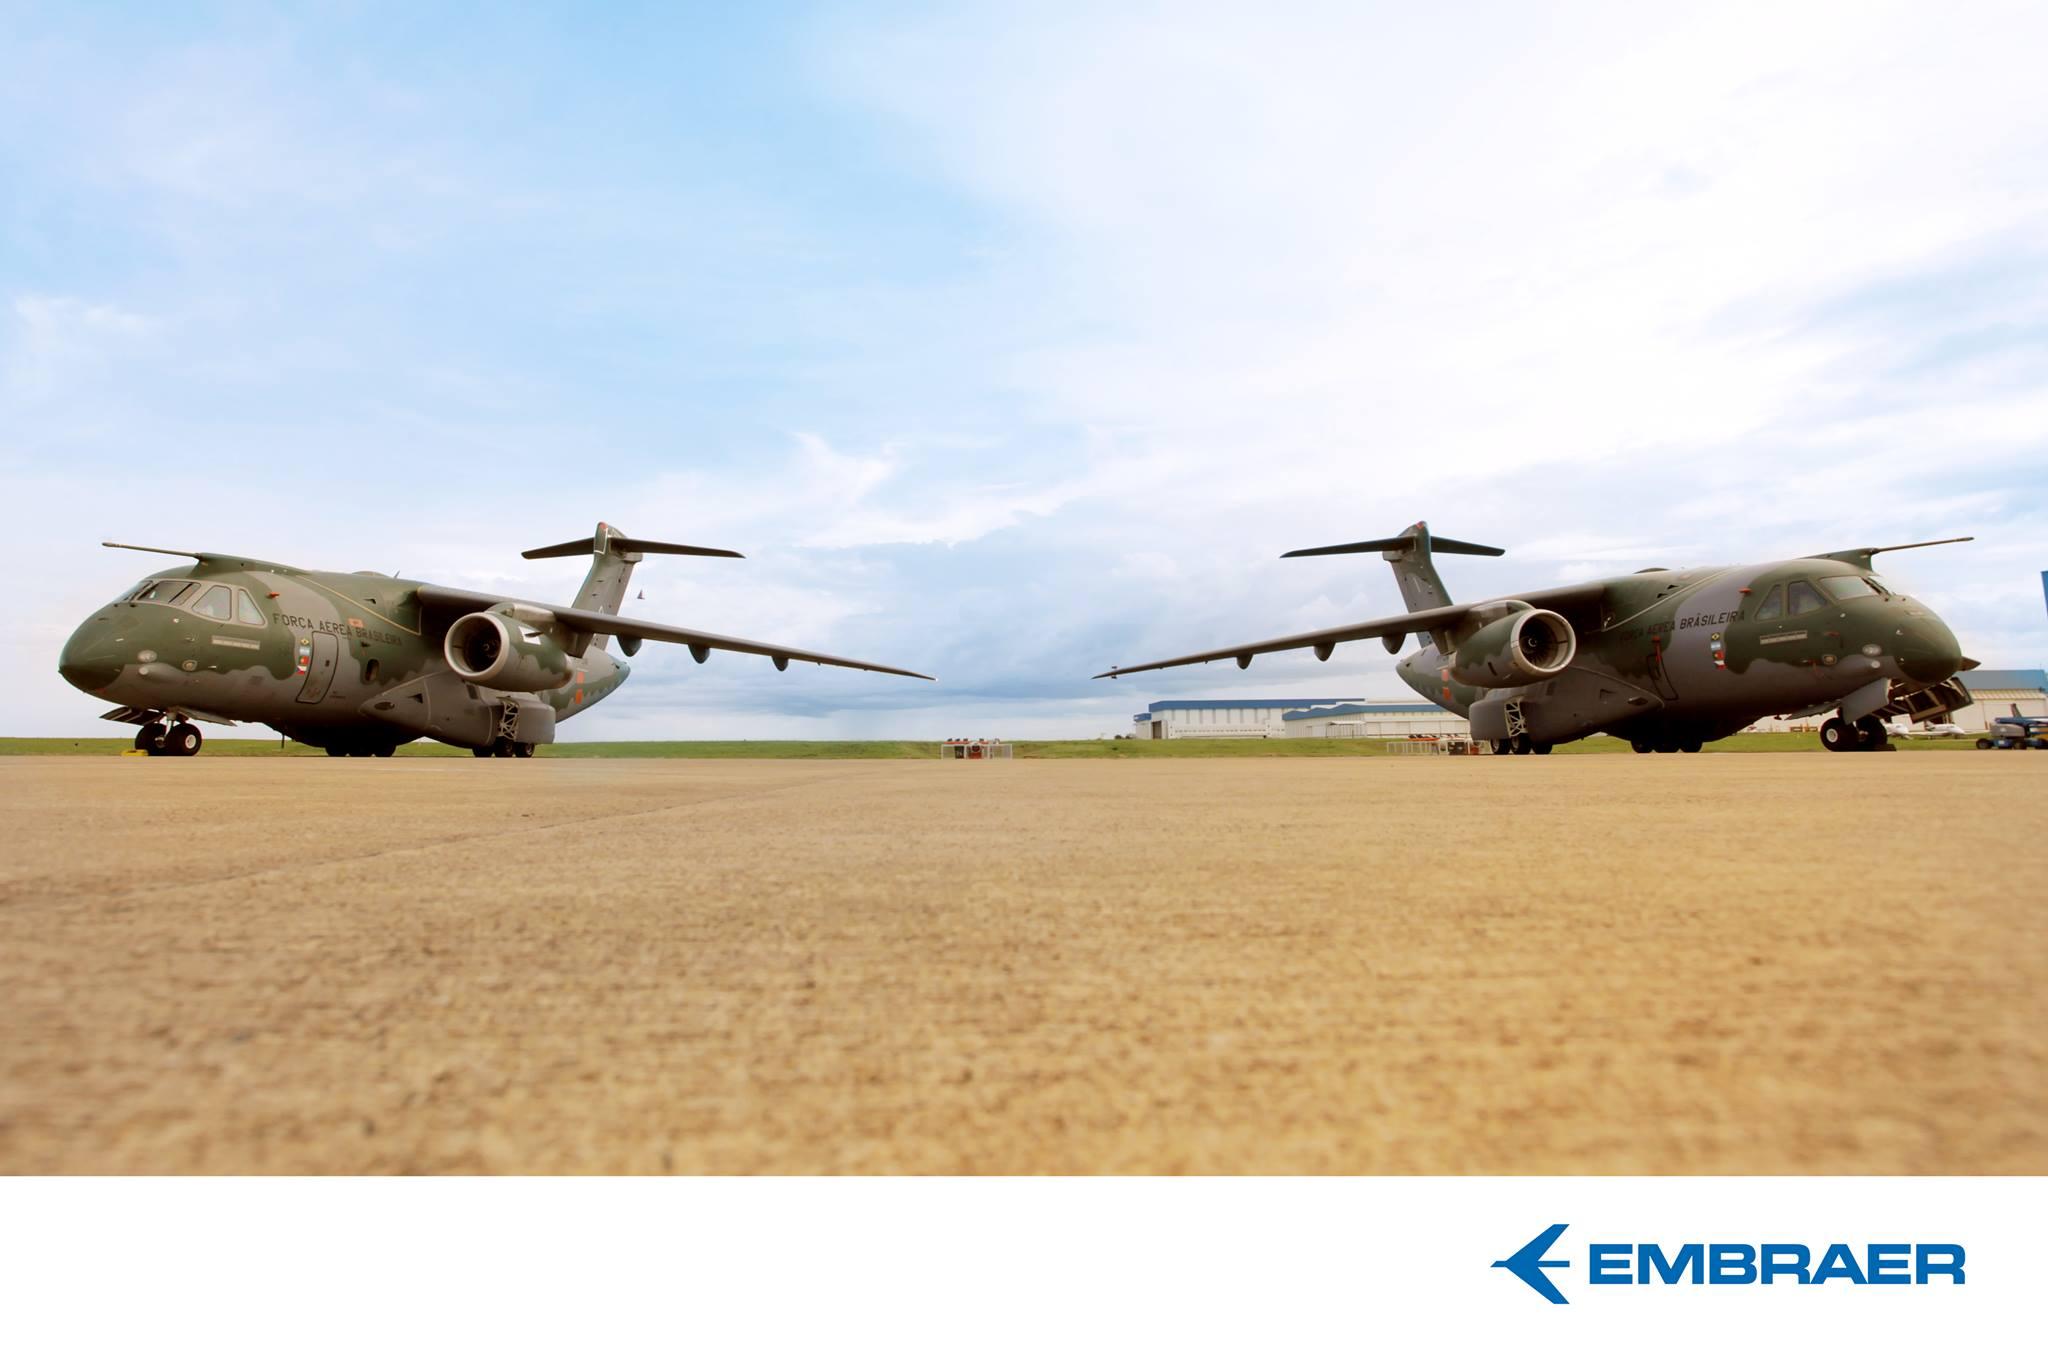 KC-390 - segundo prototipo ao lado do primeiro - foto grande - Facebook Embraer